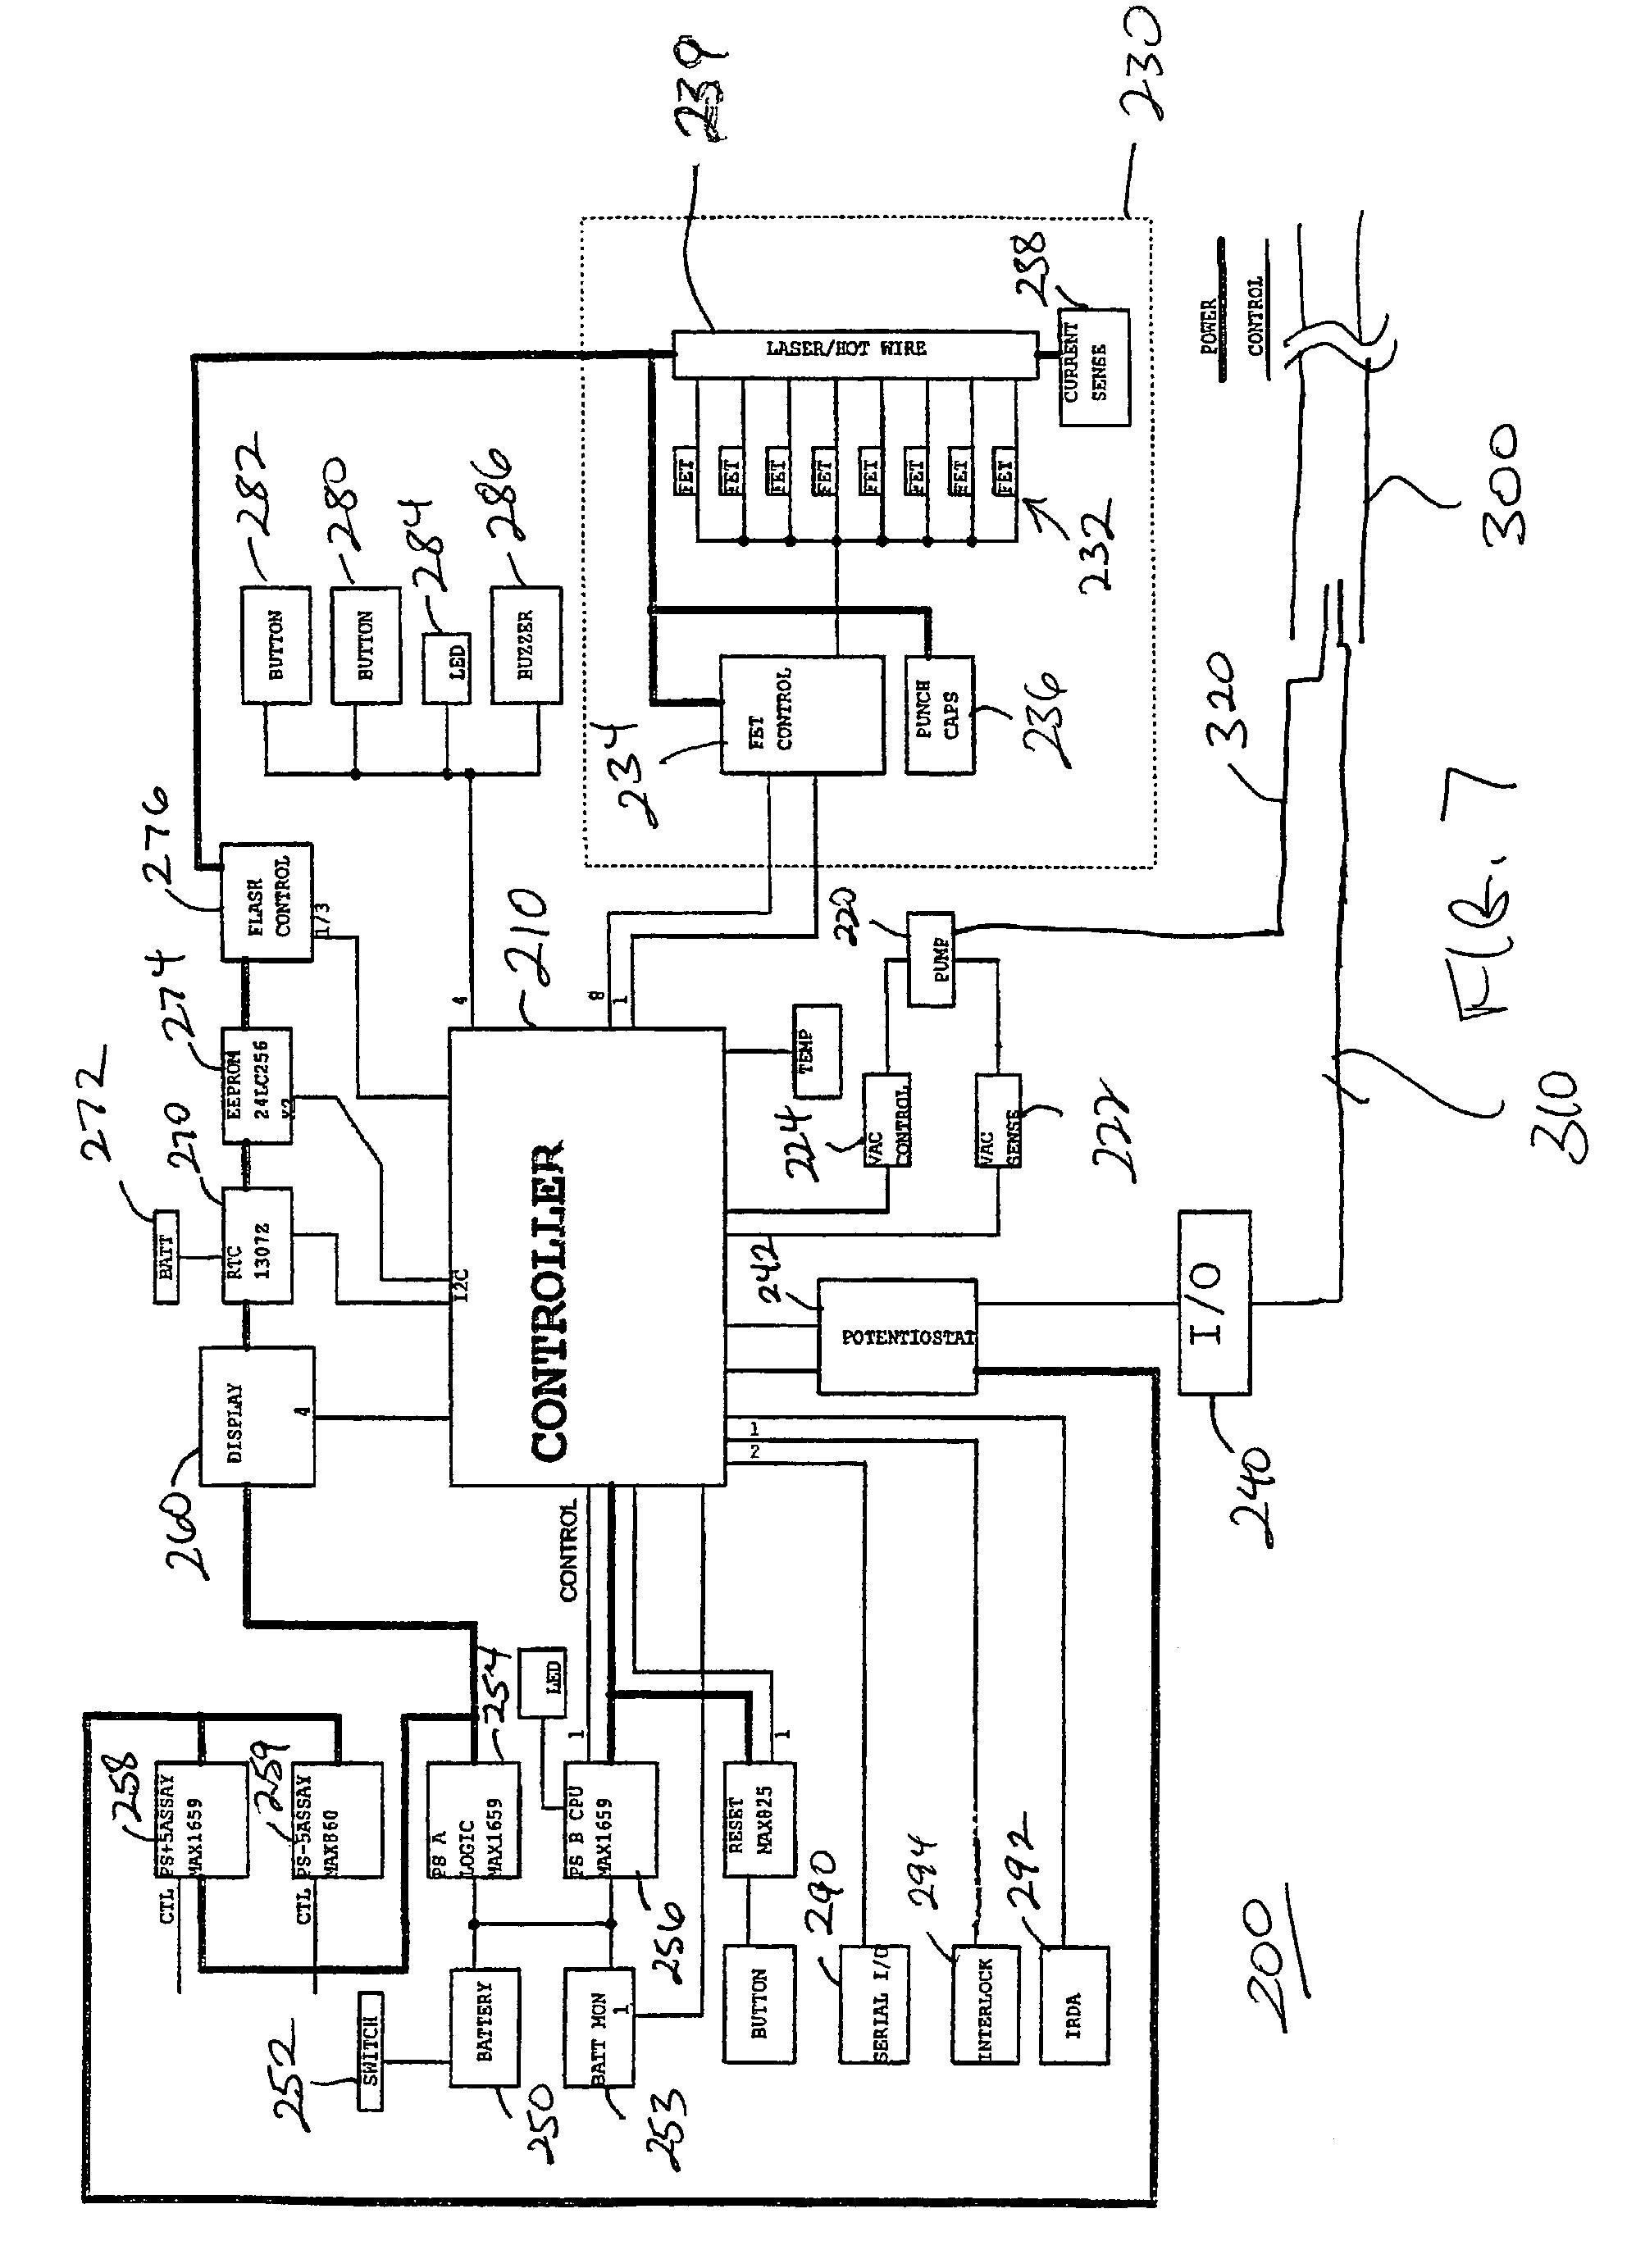 Ba 3350  Farmall Super C 12 Volt Wiring Diagram Schematic